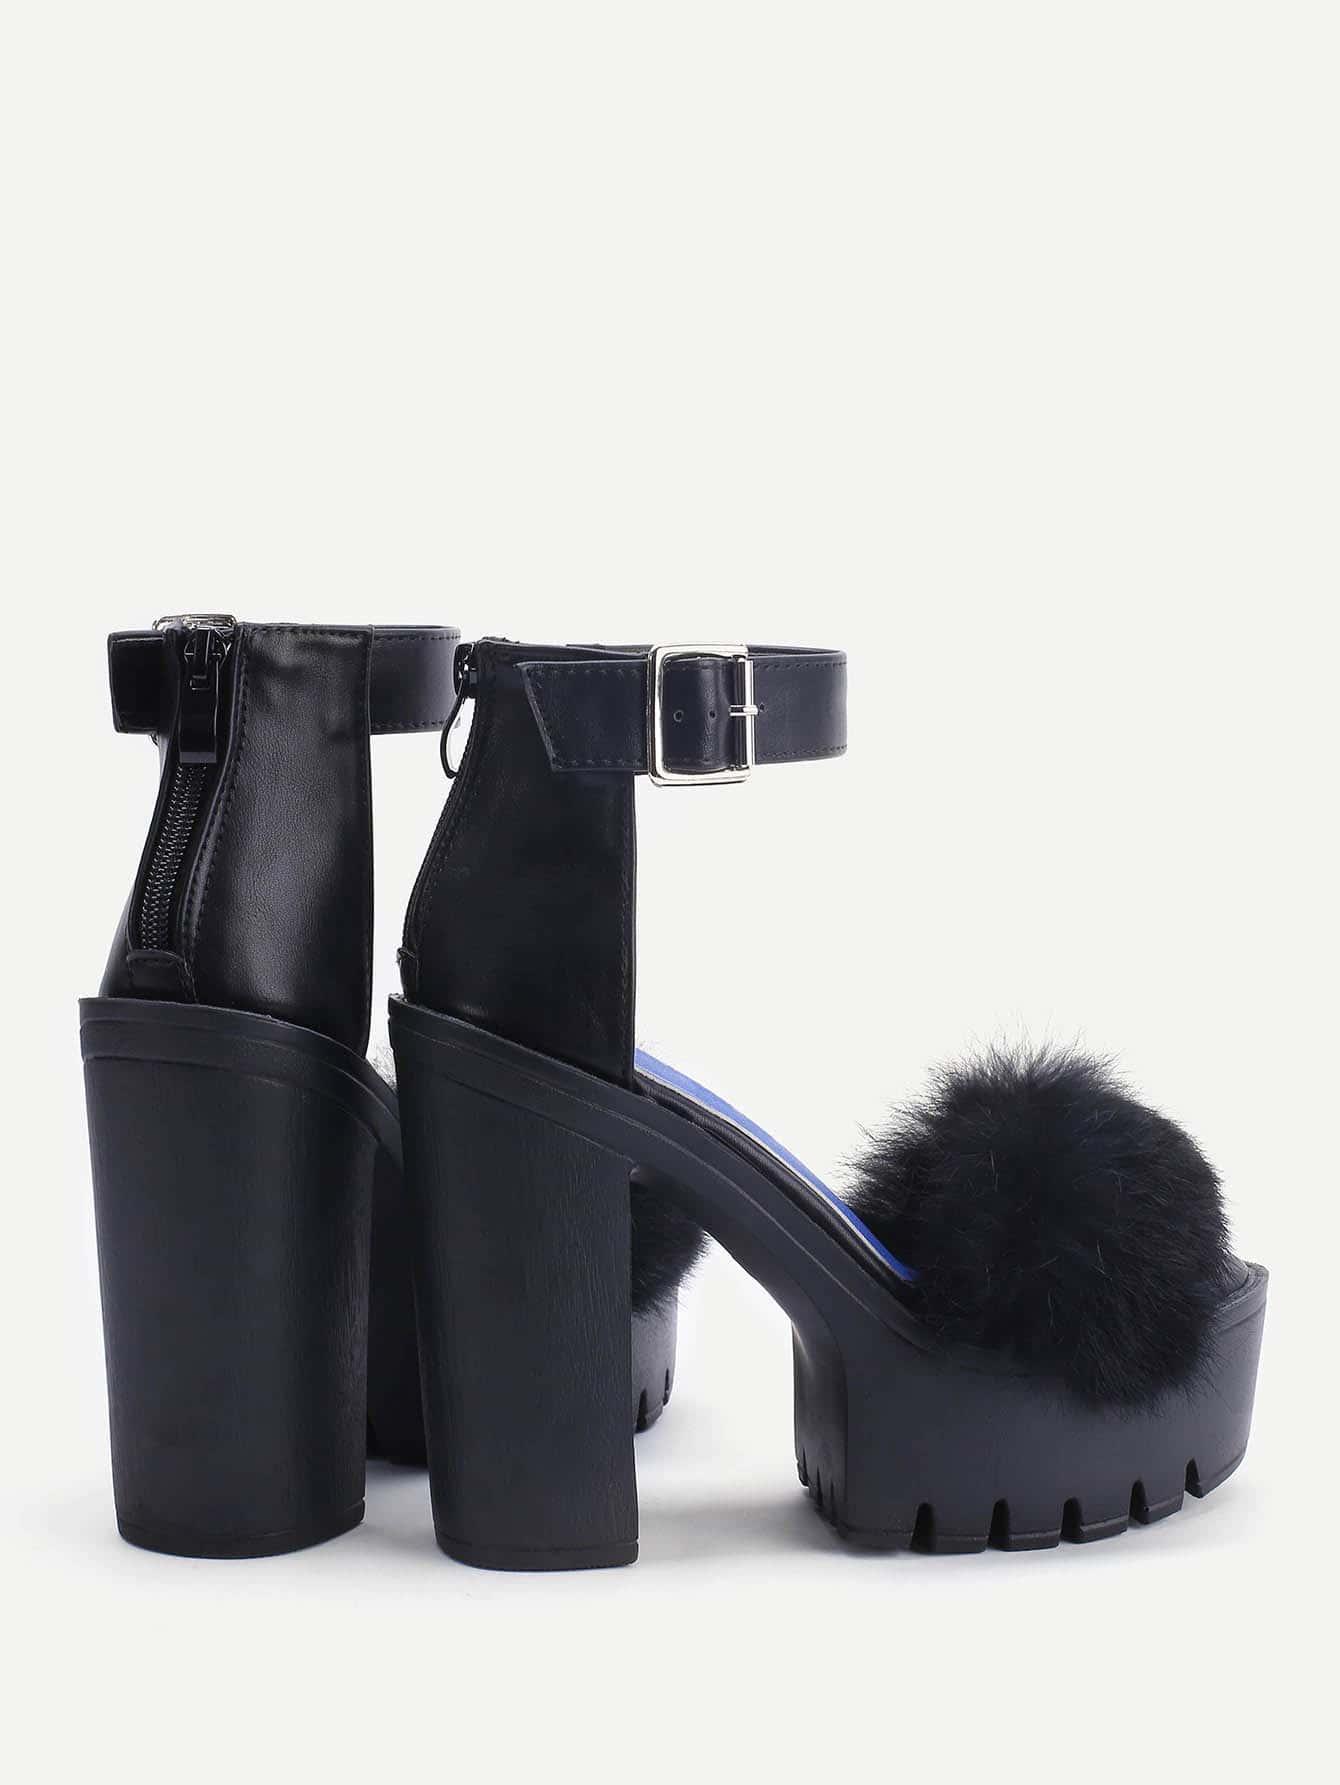 shoes170220806_2